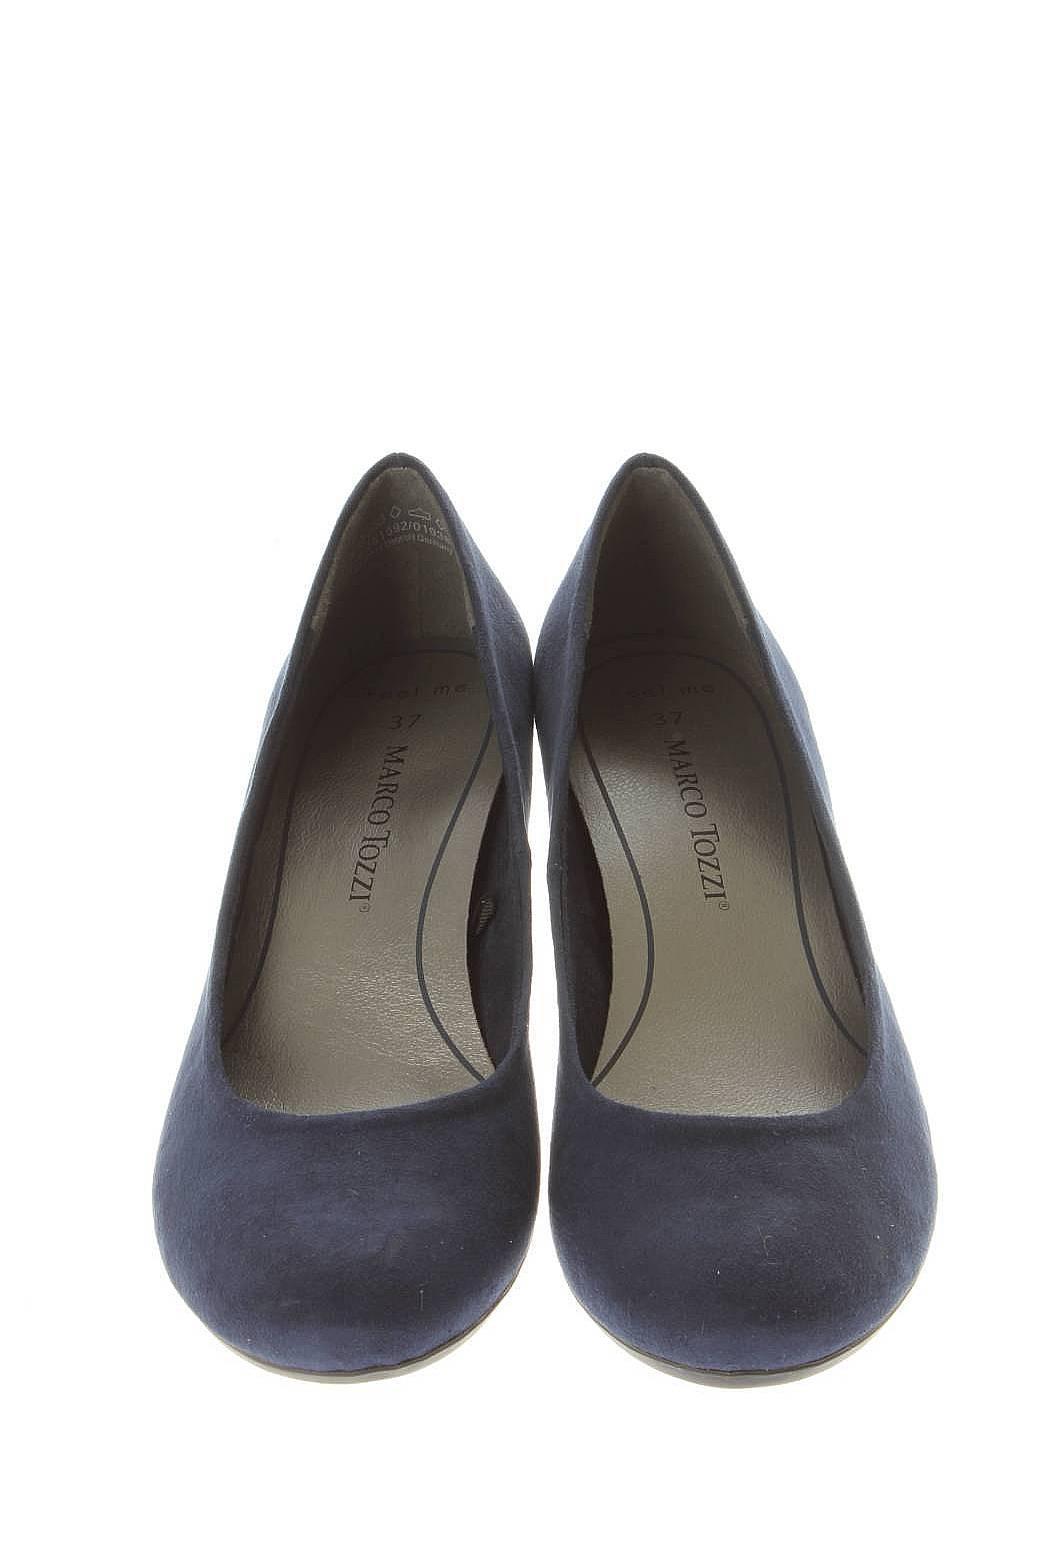 Мужская Обувь Детская Обувь Женская Обувь Туфли: Marco Tozzi Обувь